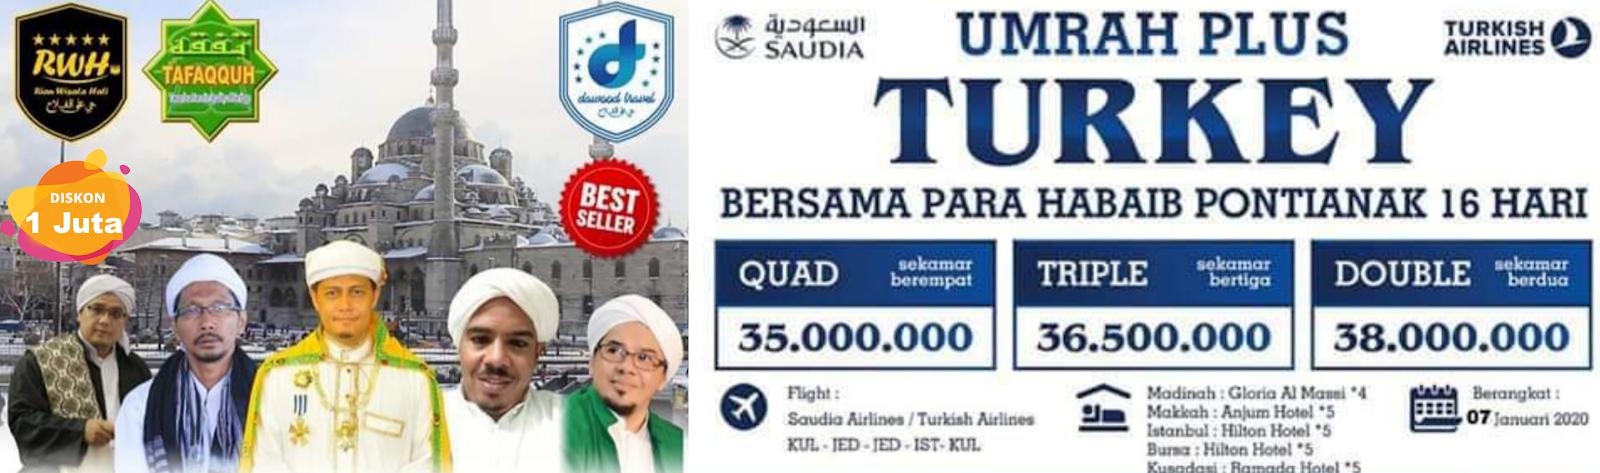 Yuk! Umrah Plus Turkey Bersama Habaib Pontianak 16 Hari